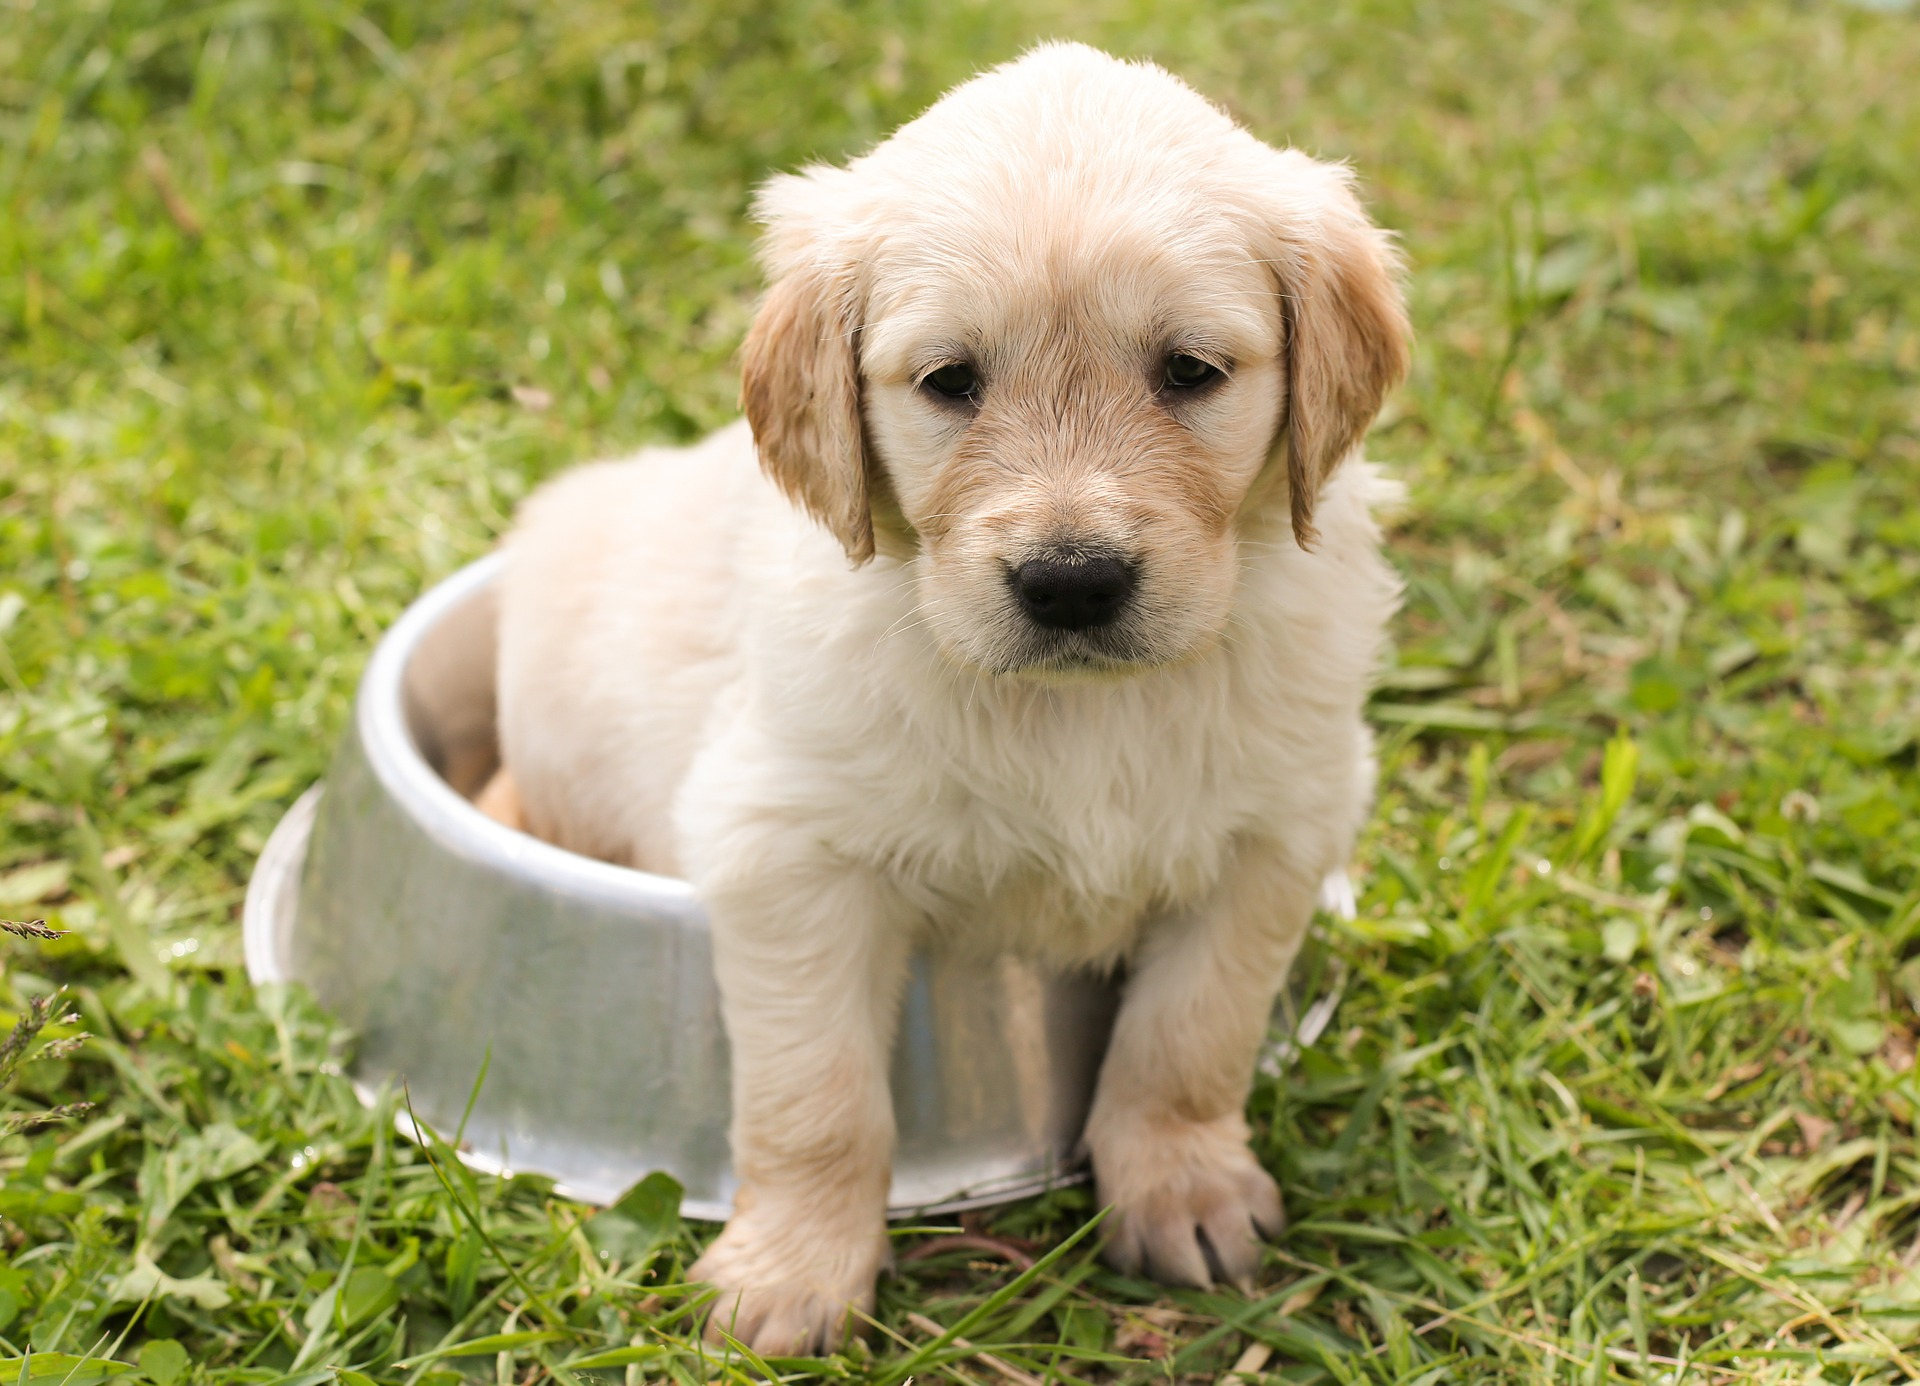 Puppy 1207816 1920